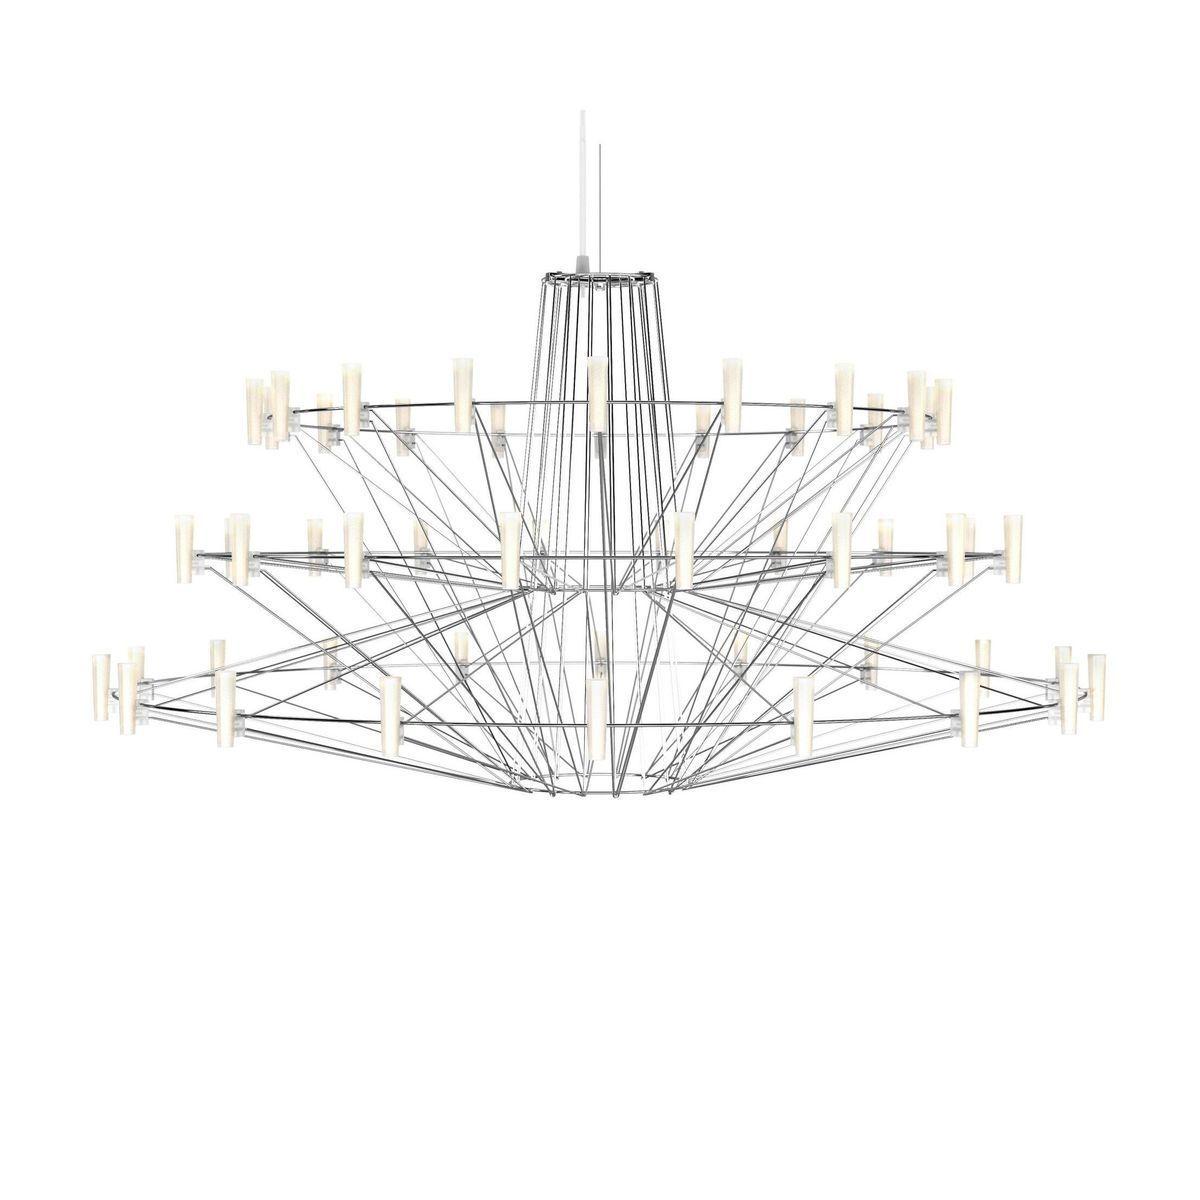 moooi lighting. moooi copplia led suspended lamp chromepolished2700k600lmh lighting